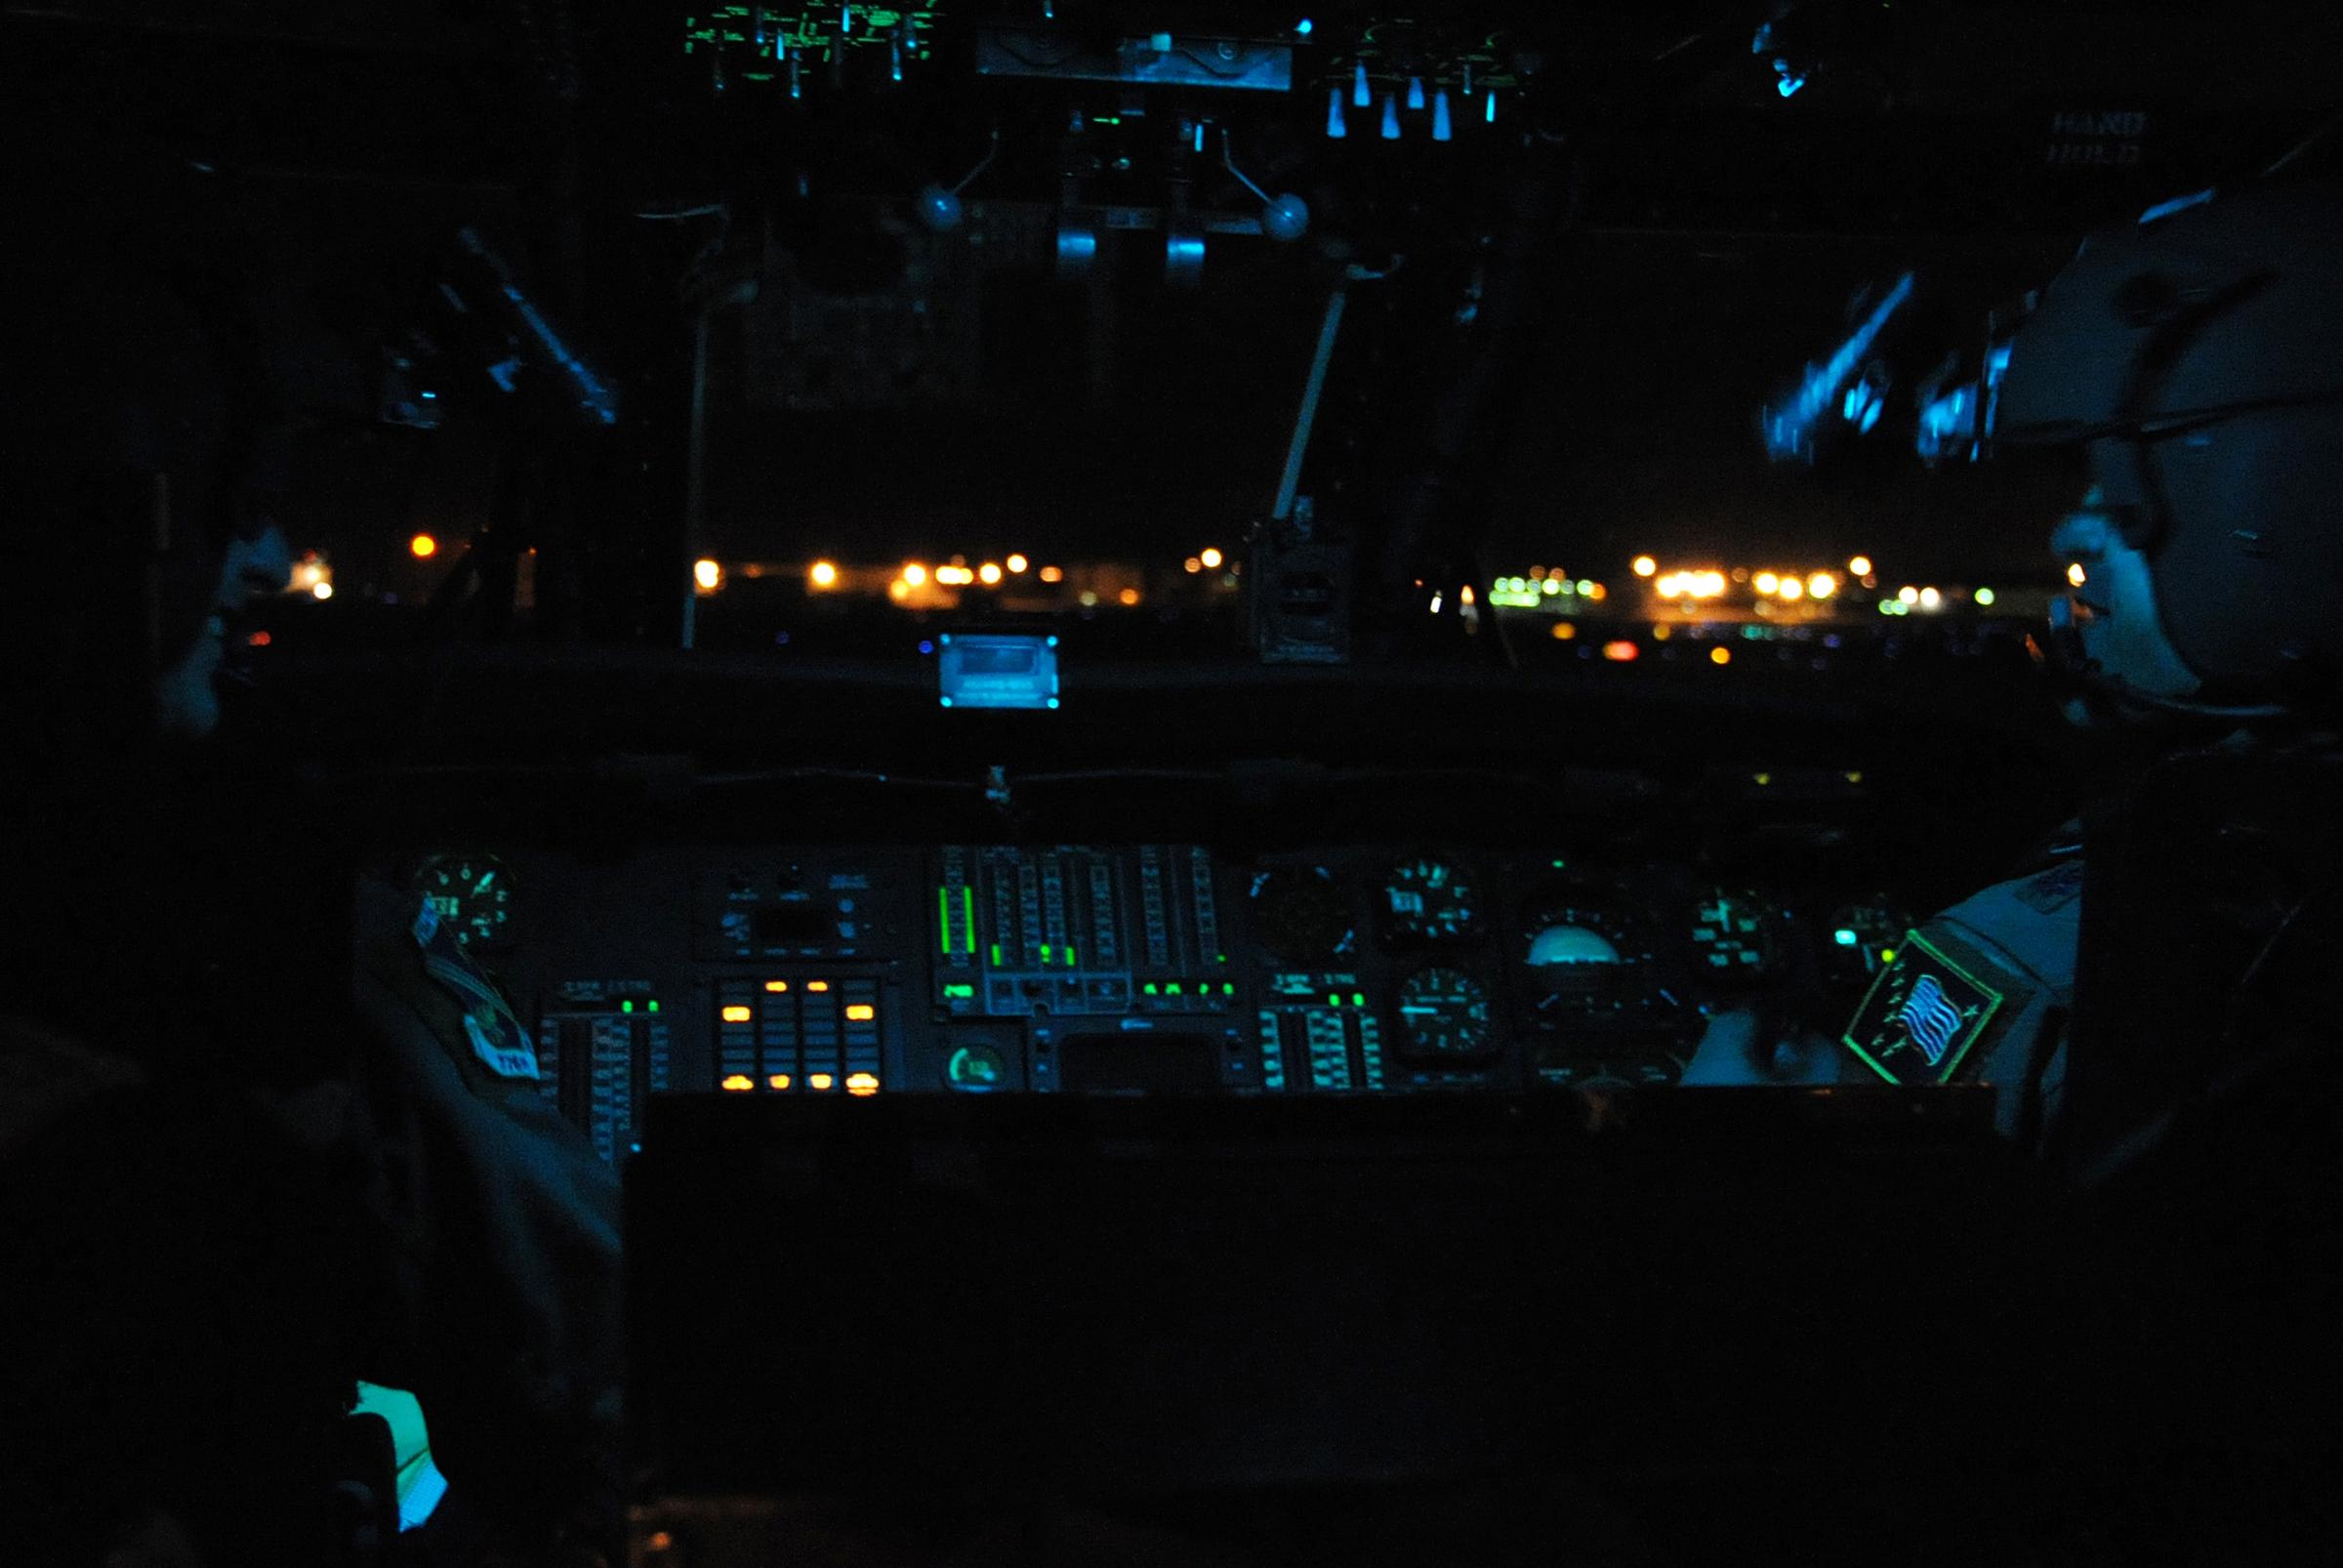 Nighttime View Landing At Kansas City Airport